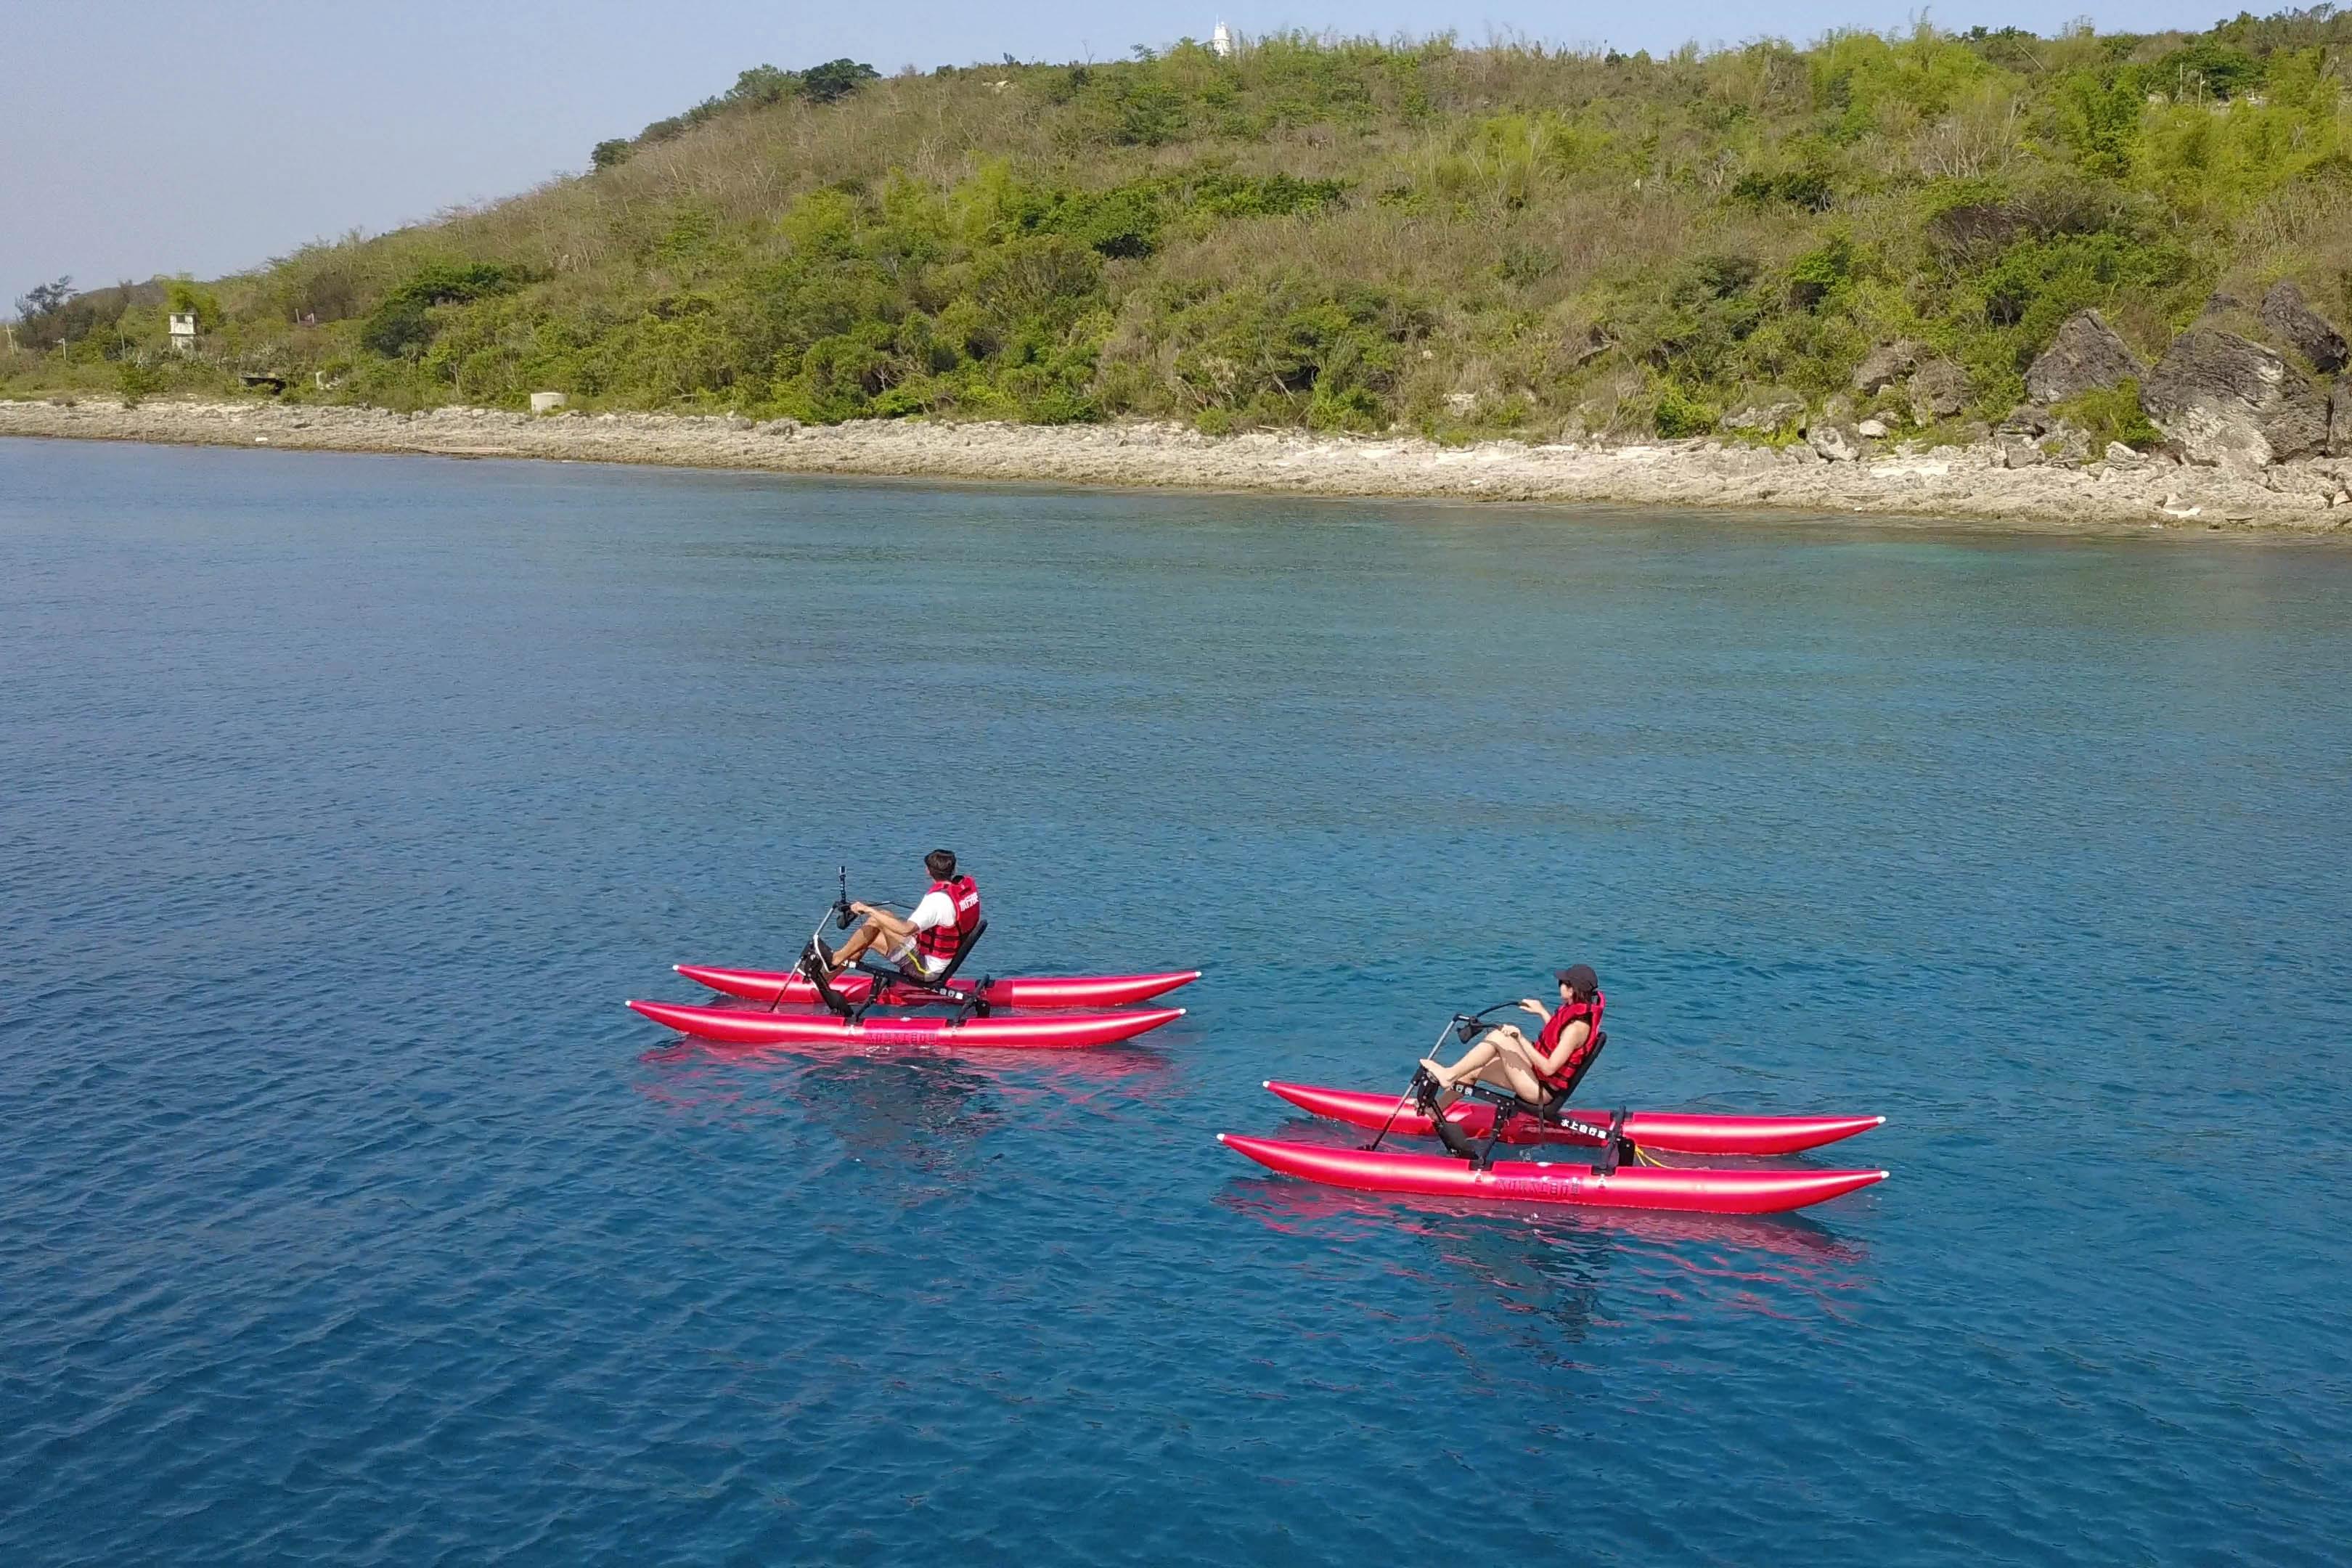 小琉球旅遊知識文:看海龜的禮貌、天氣季節氣溫、戶外活動玩什麼